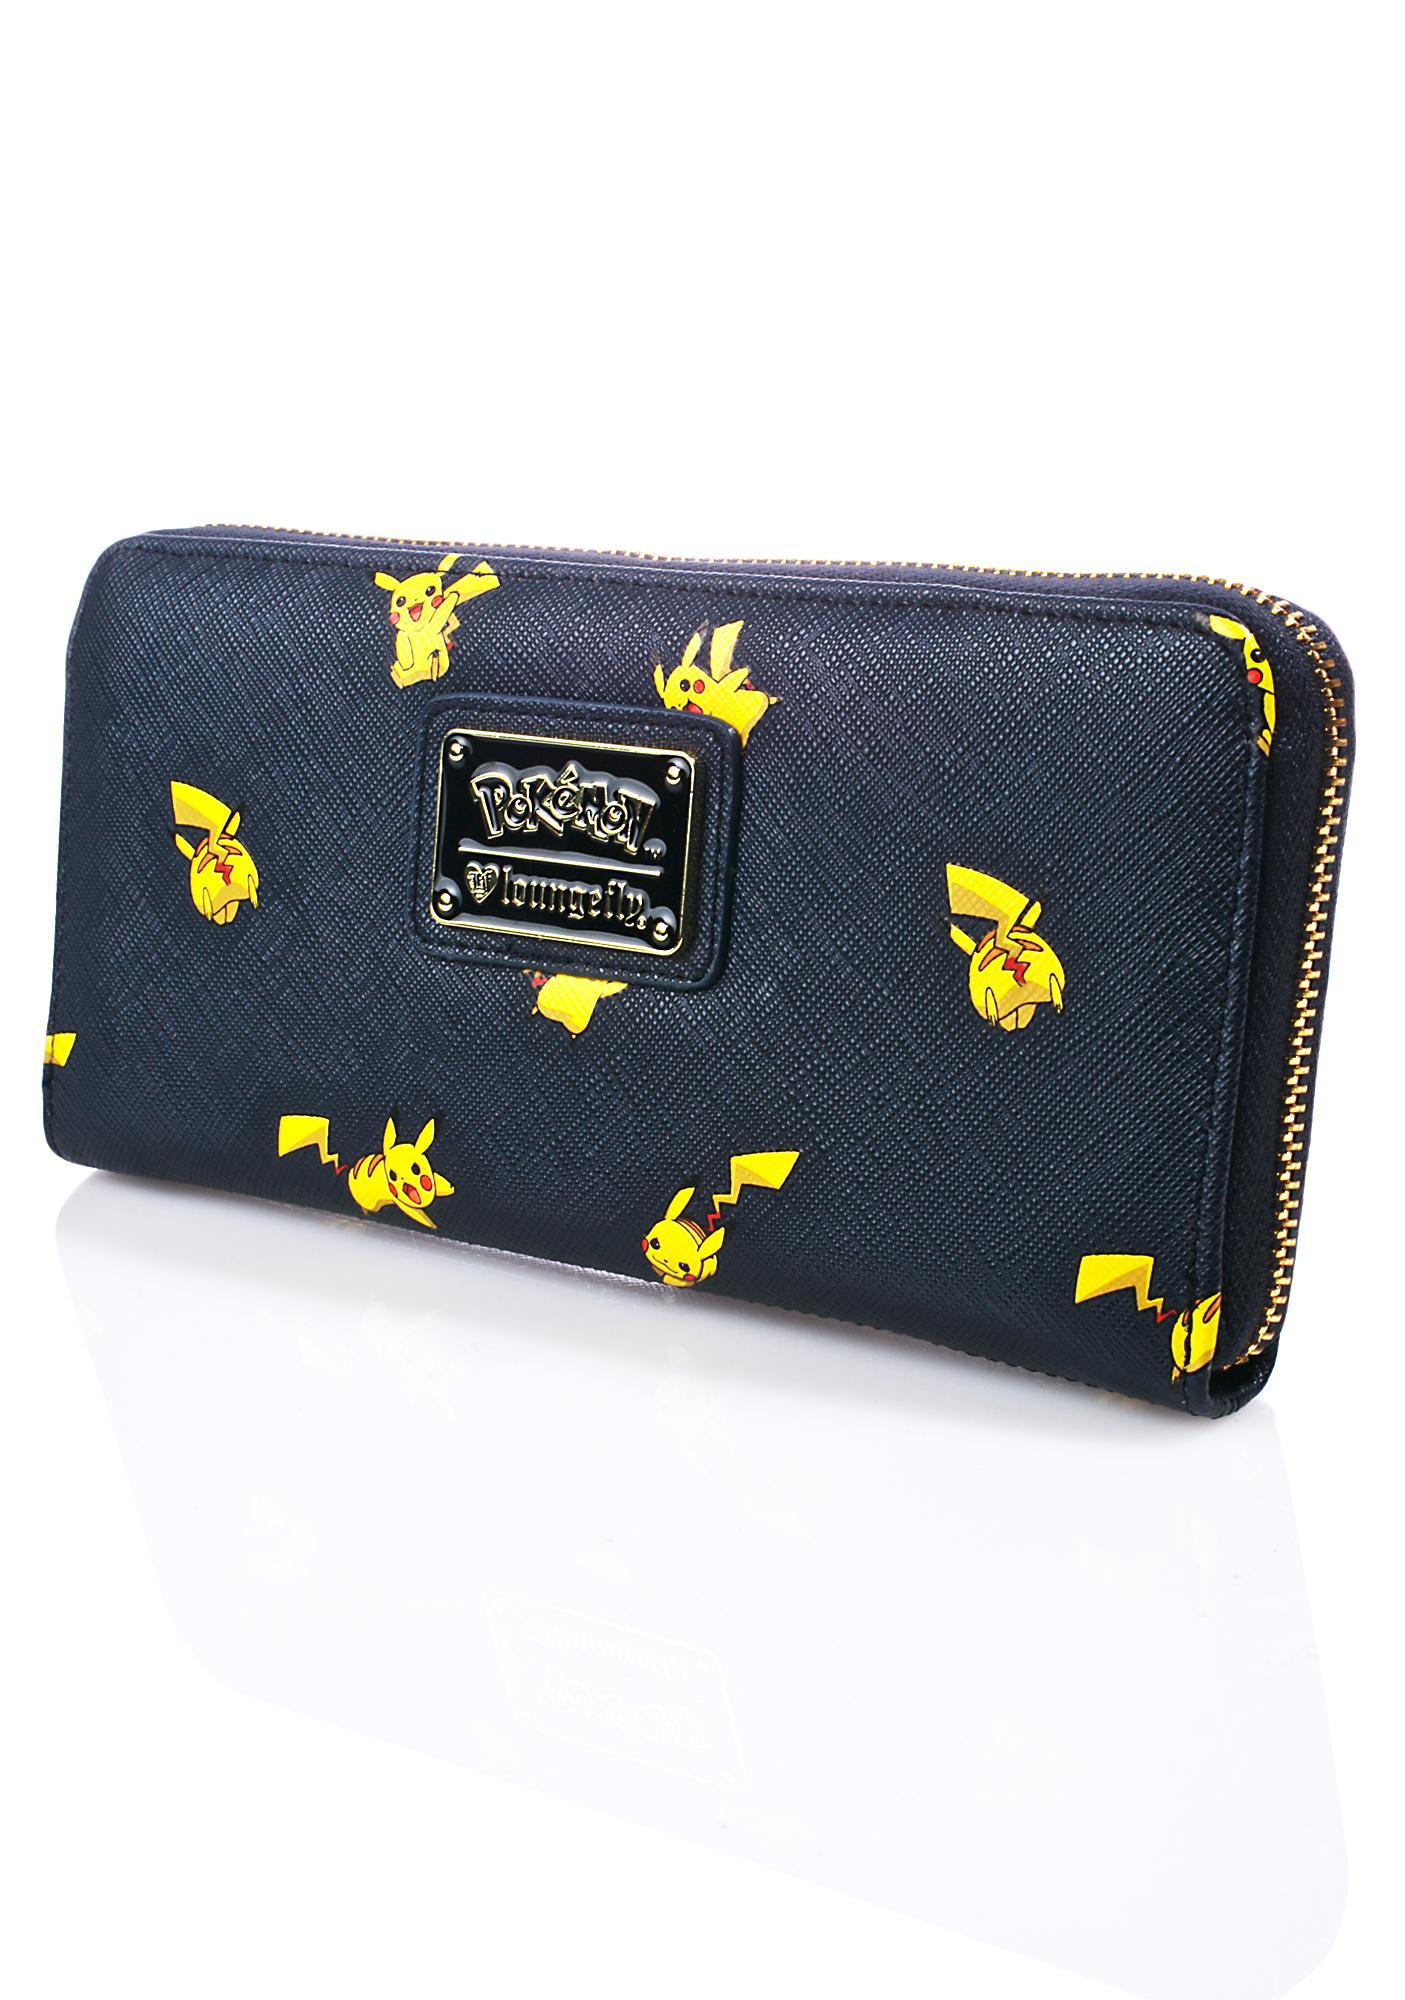 Loungefly X Pokémon Pikachu Print Wallet